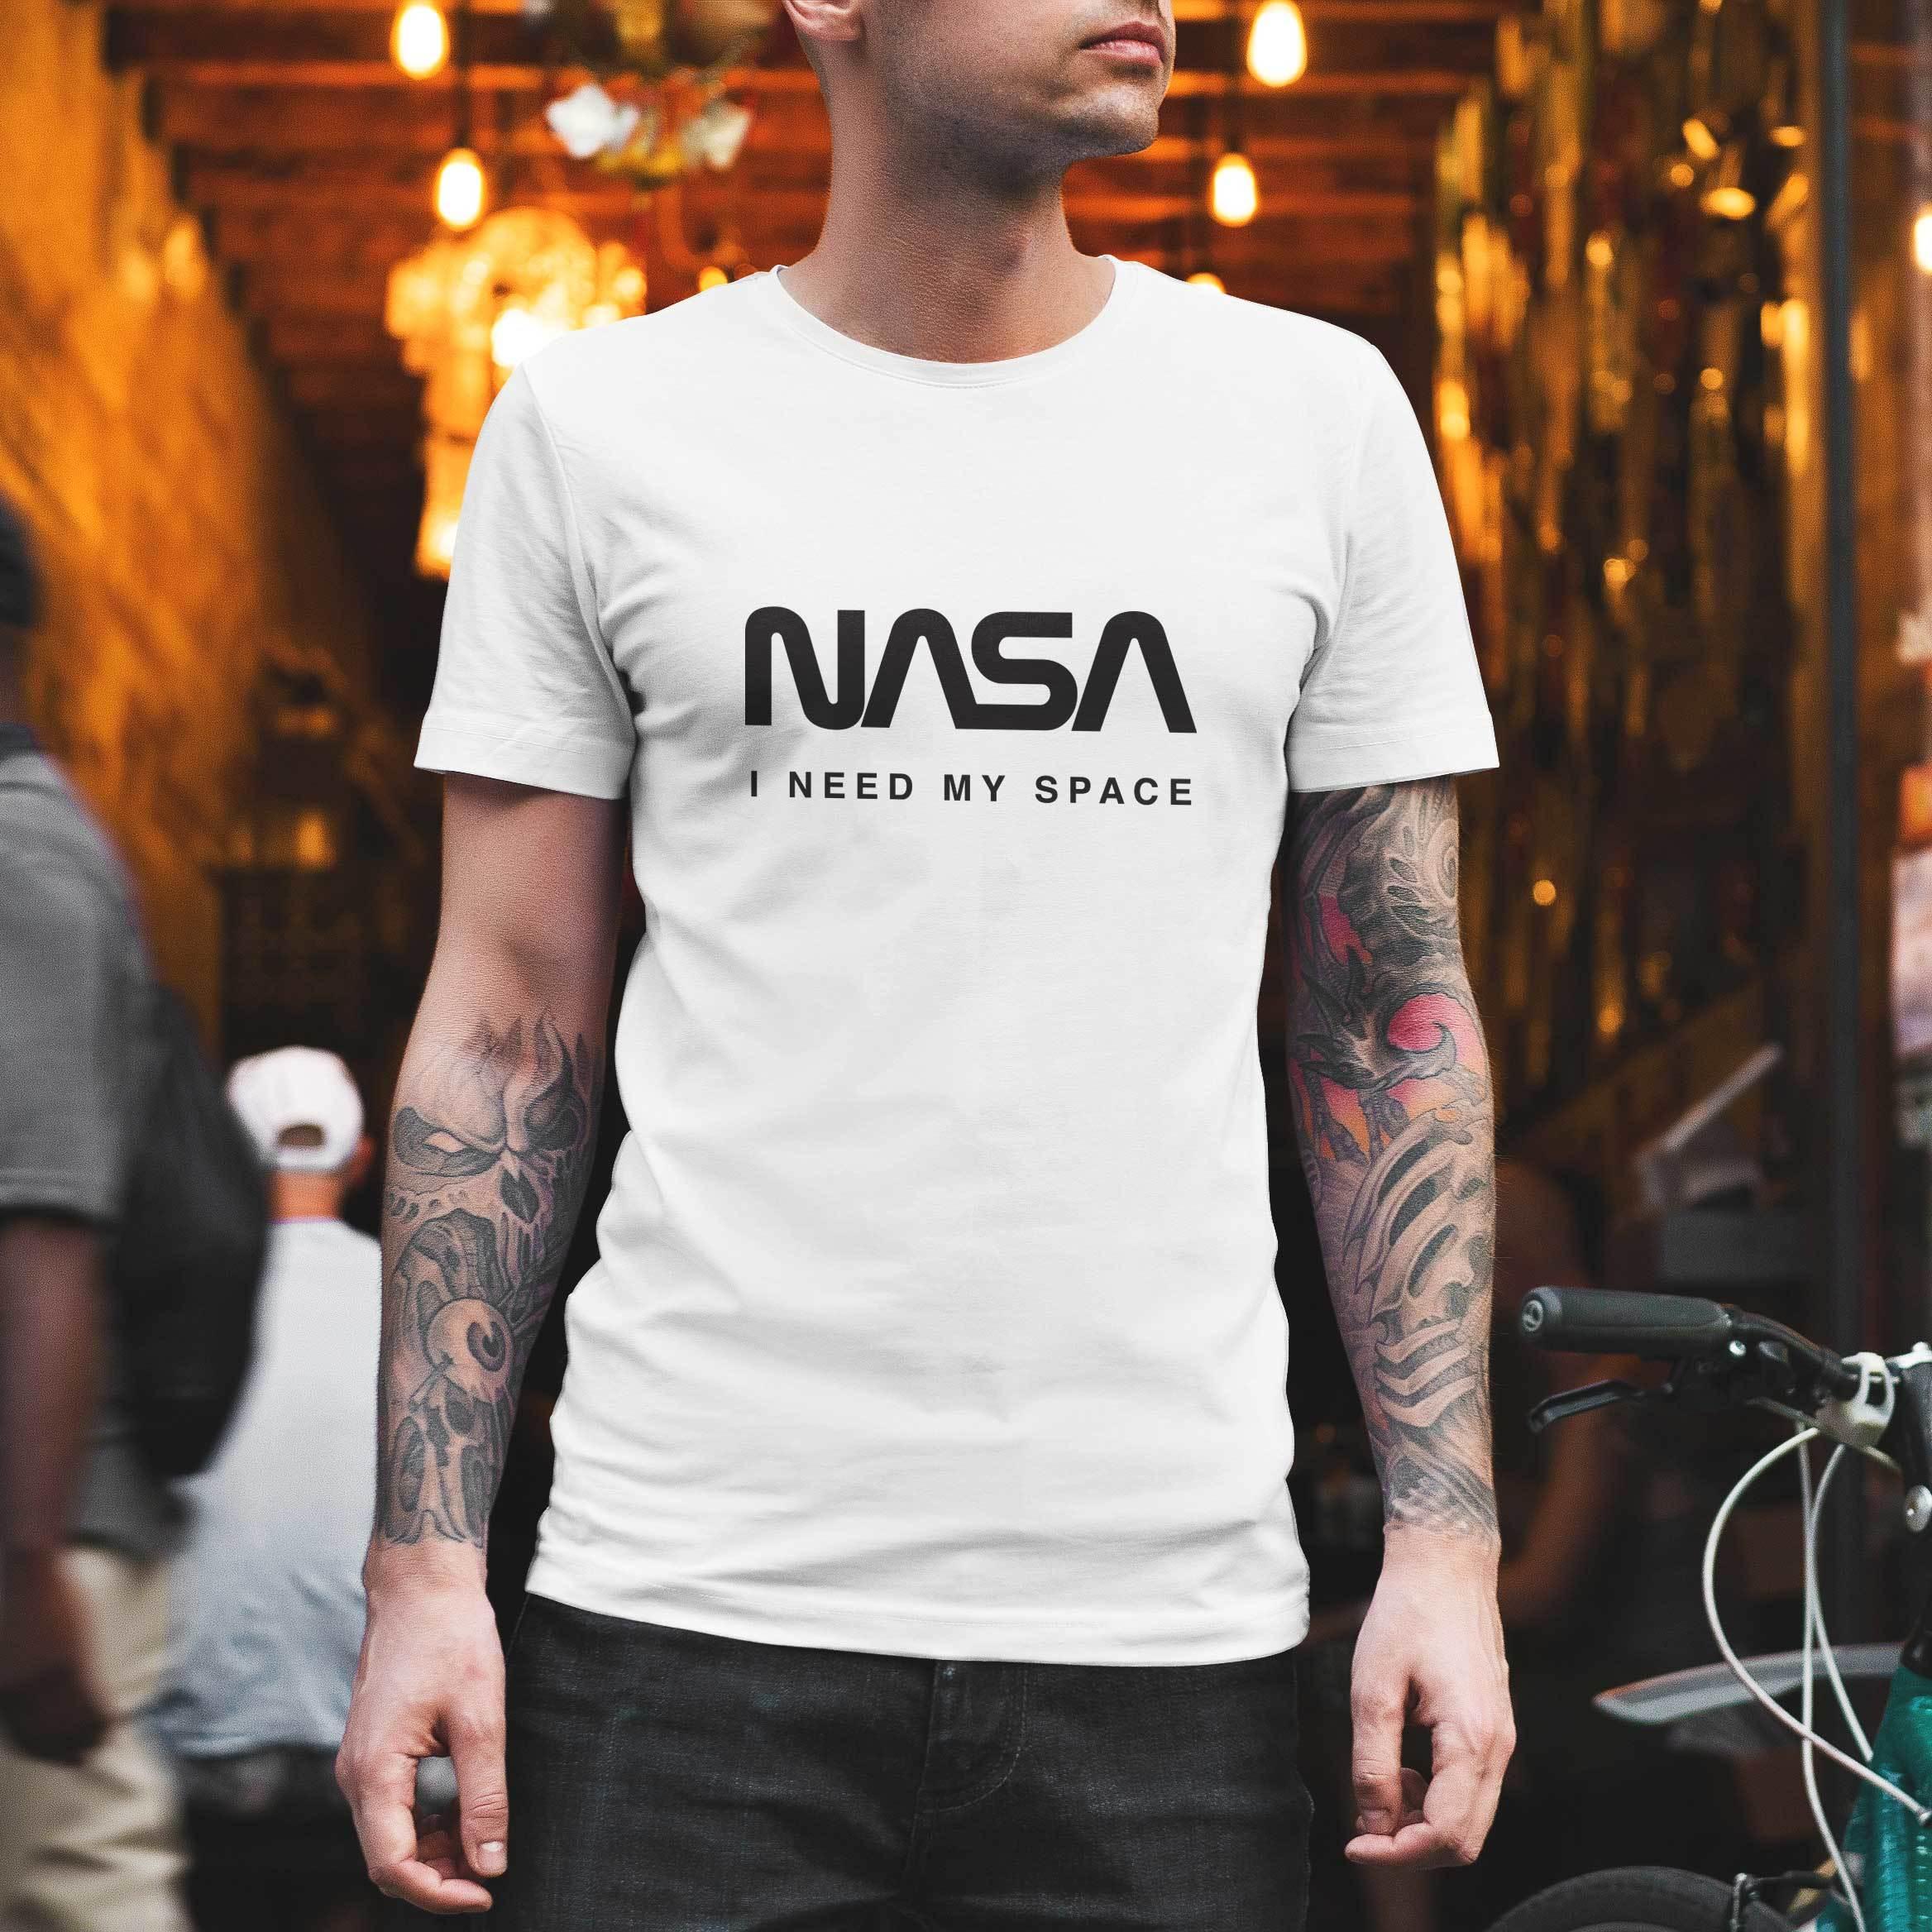 NASA公認Tシャツ(丸首)・ロゴタイプ(ワーム)・フルーツオブザルームボディJ3930HD